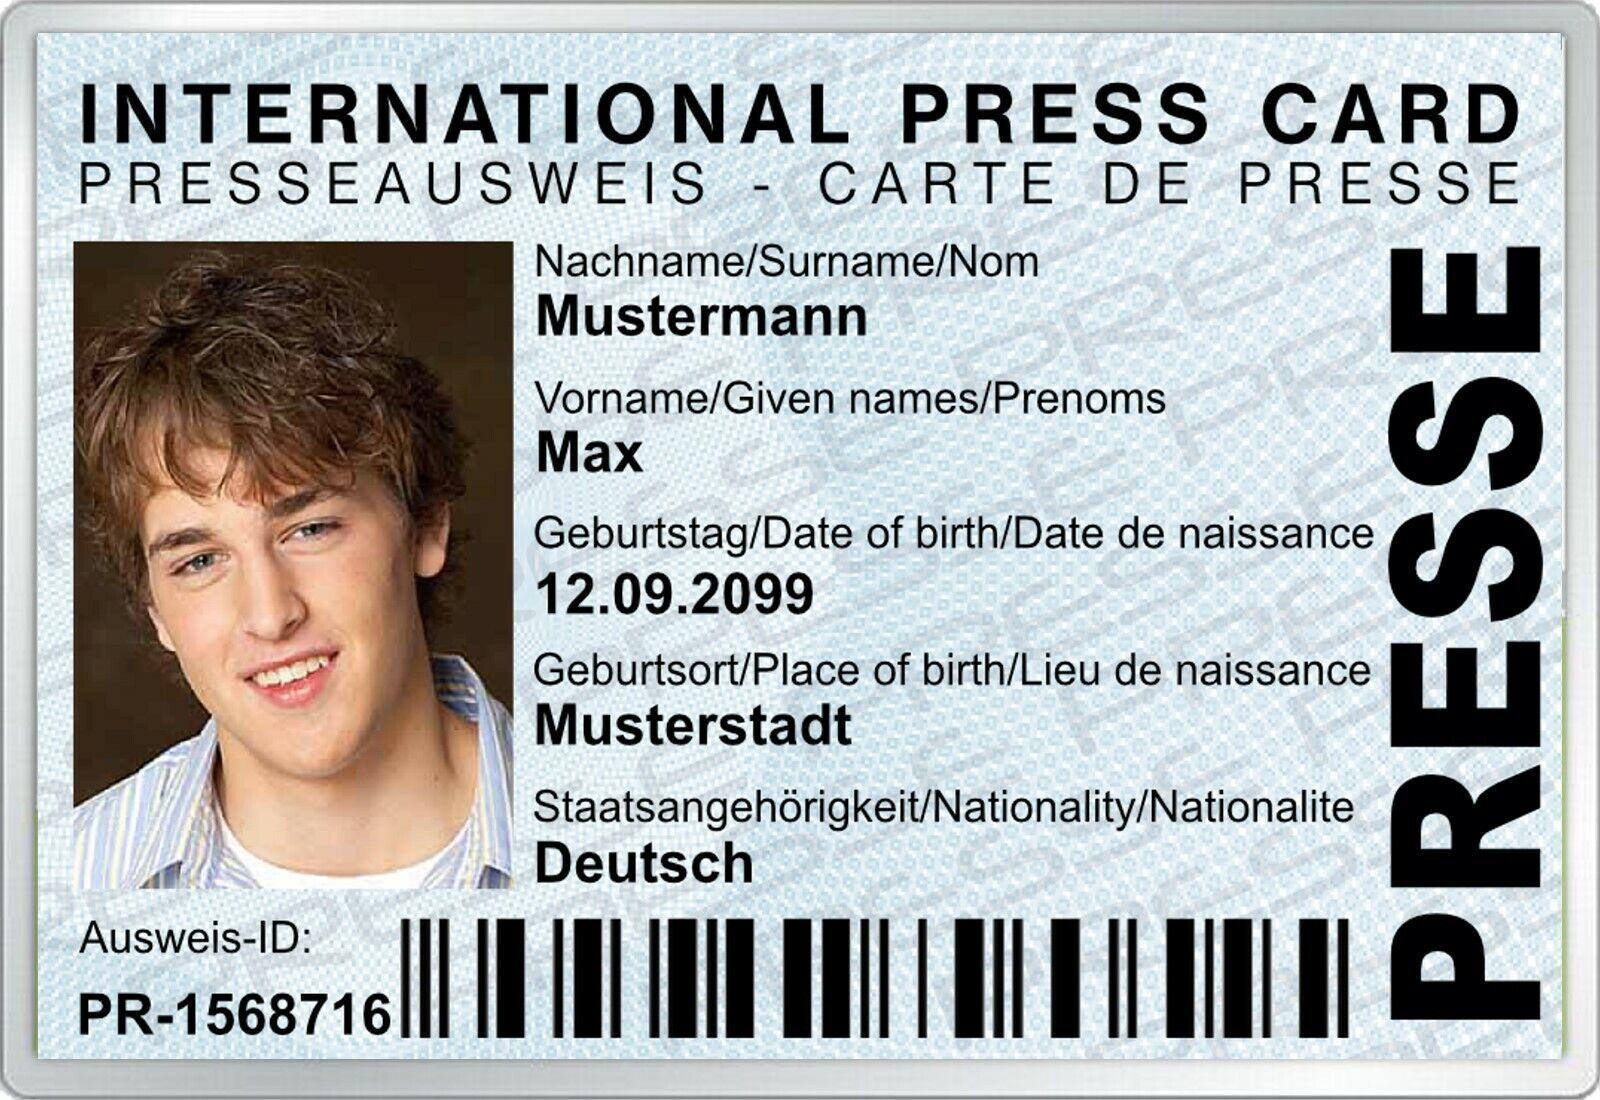 Internationaler Presseausweis, Scherzartikel, Lustig, Personalisiert - AU-320